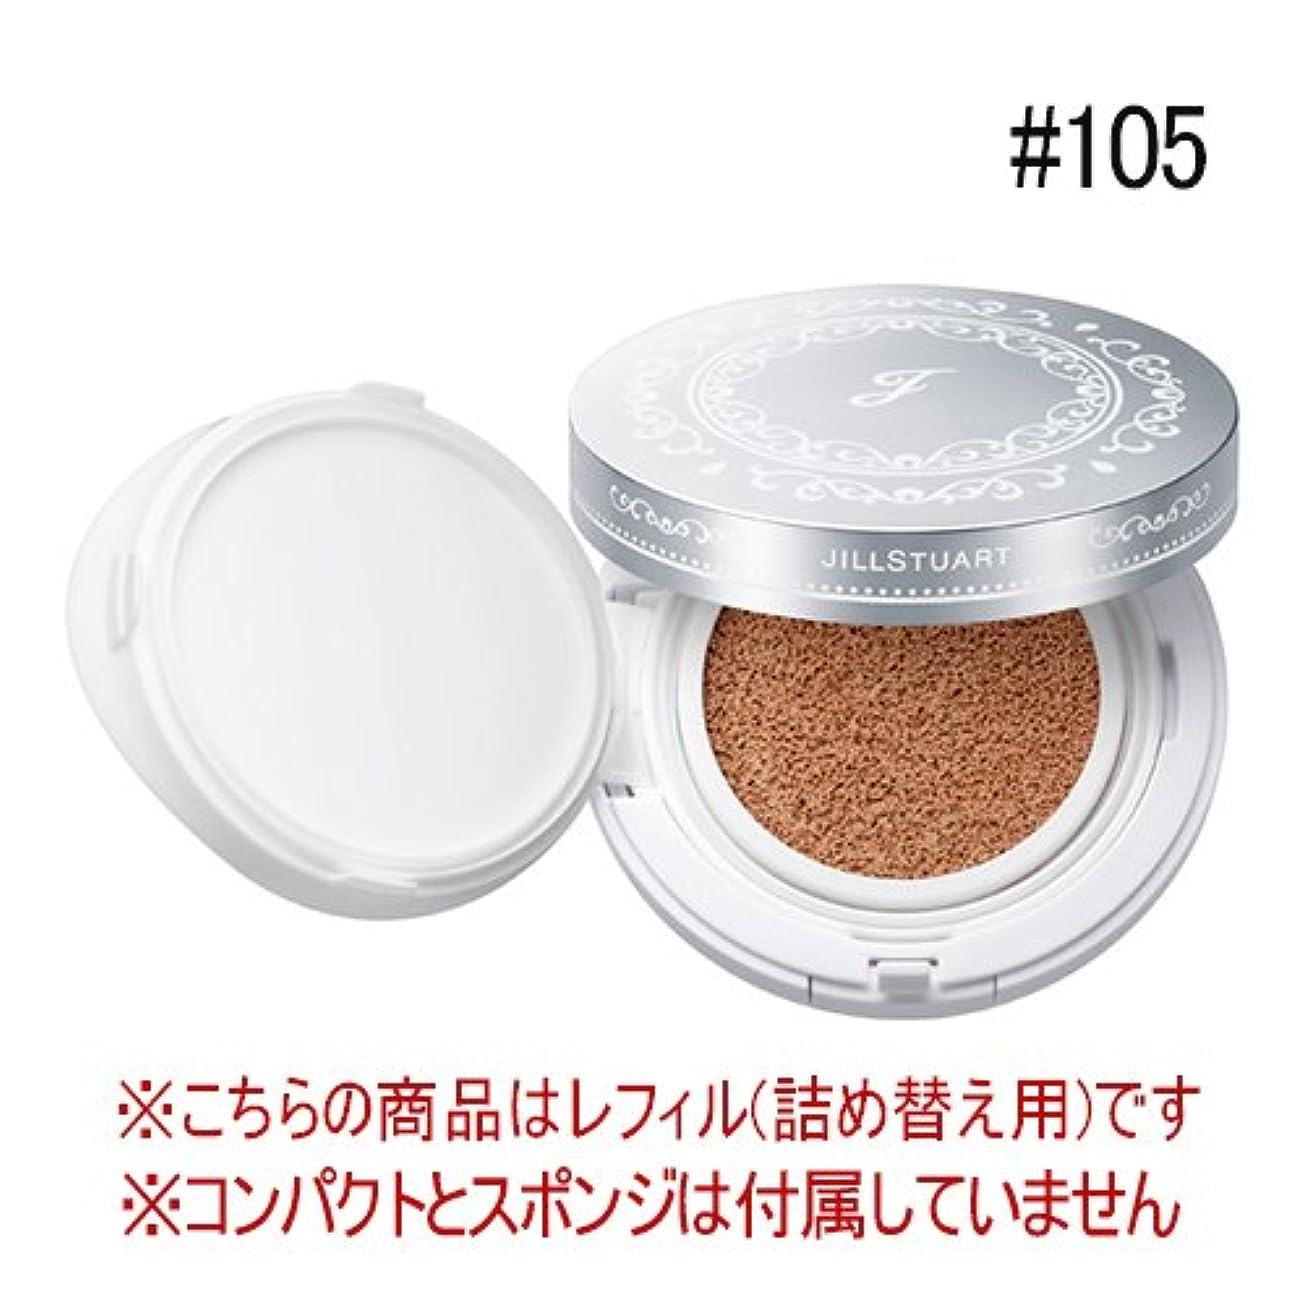 ローストヒギンズ順応性ジルスチュアート ピュアエッセンス クッションコンパクト (レフィル)【#105】 #tan SPF40/PA+++ 15g